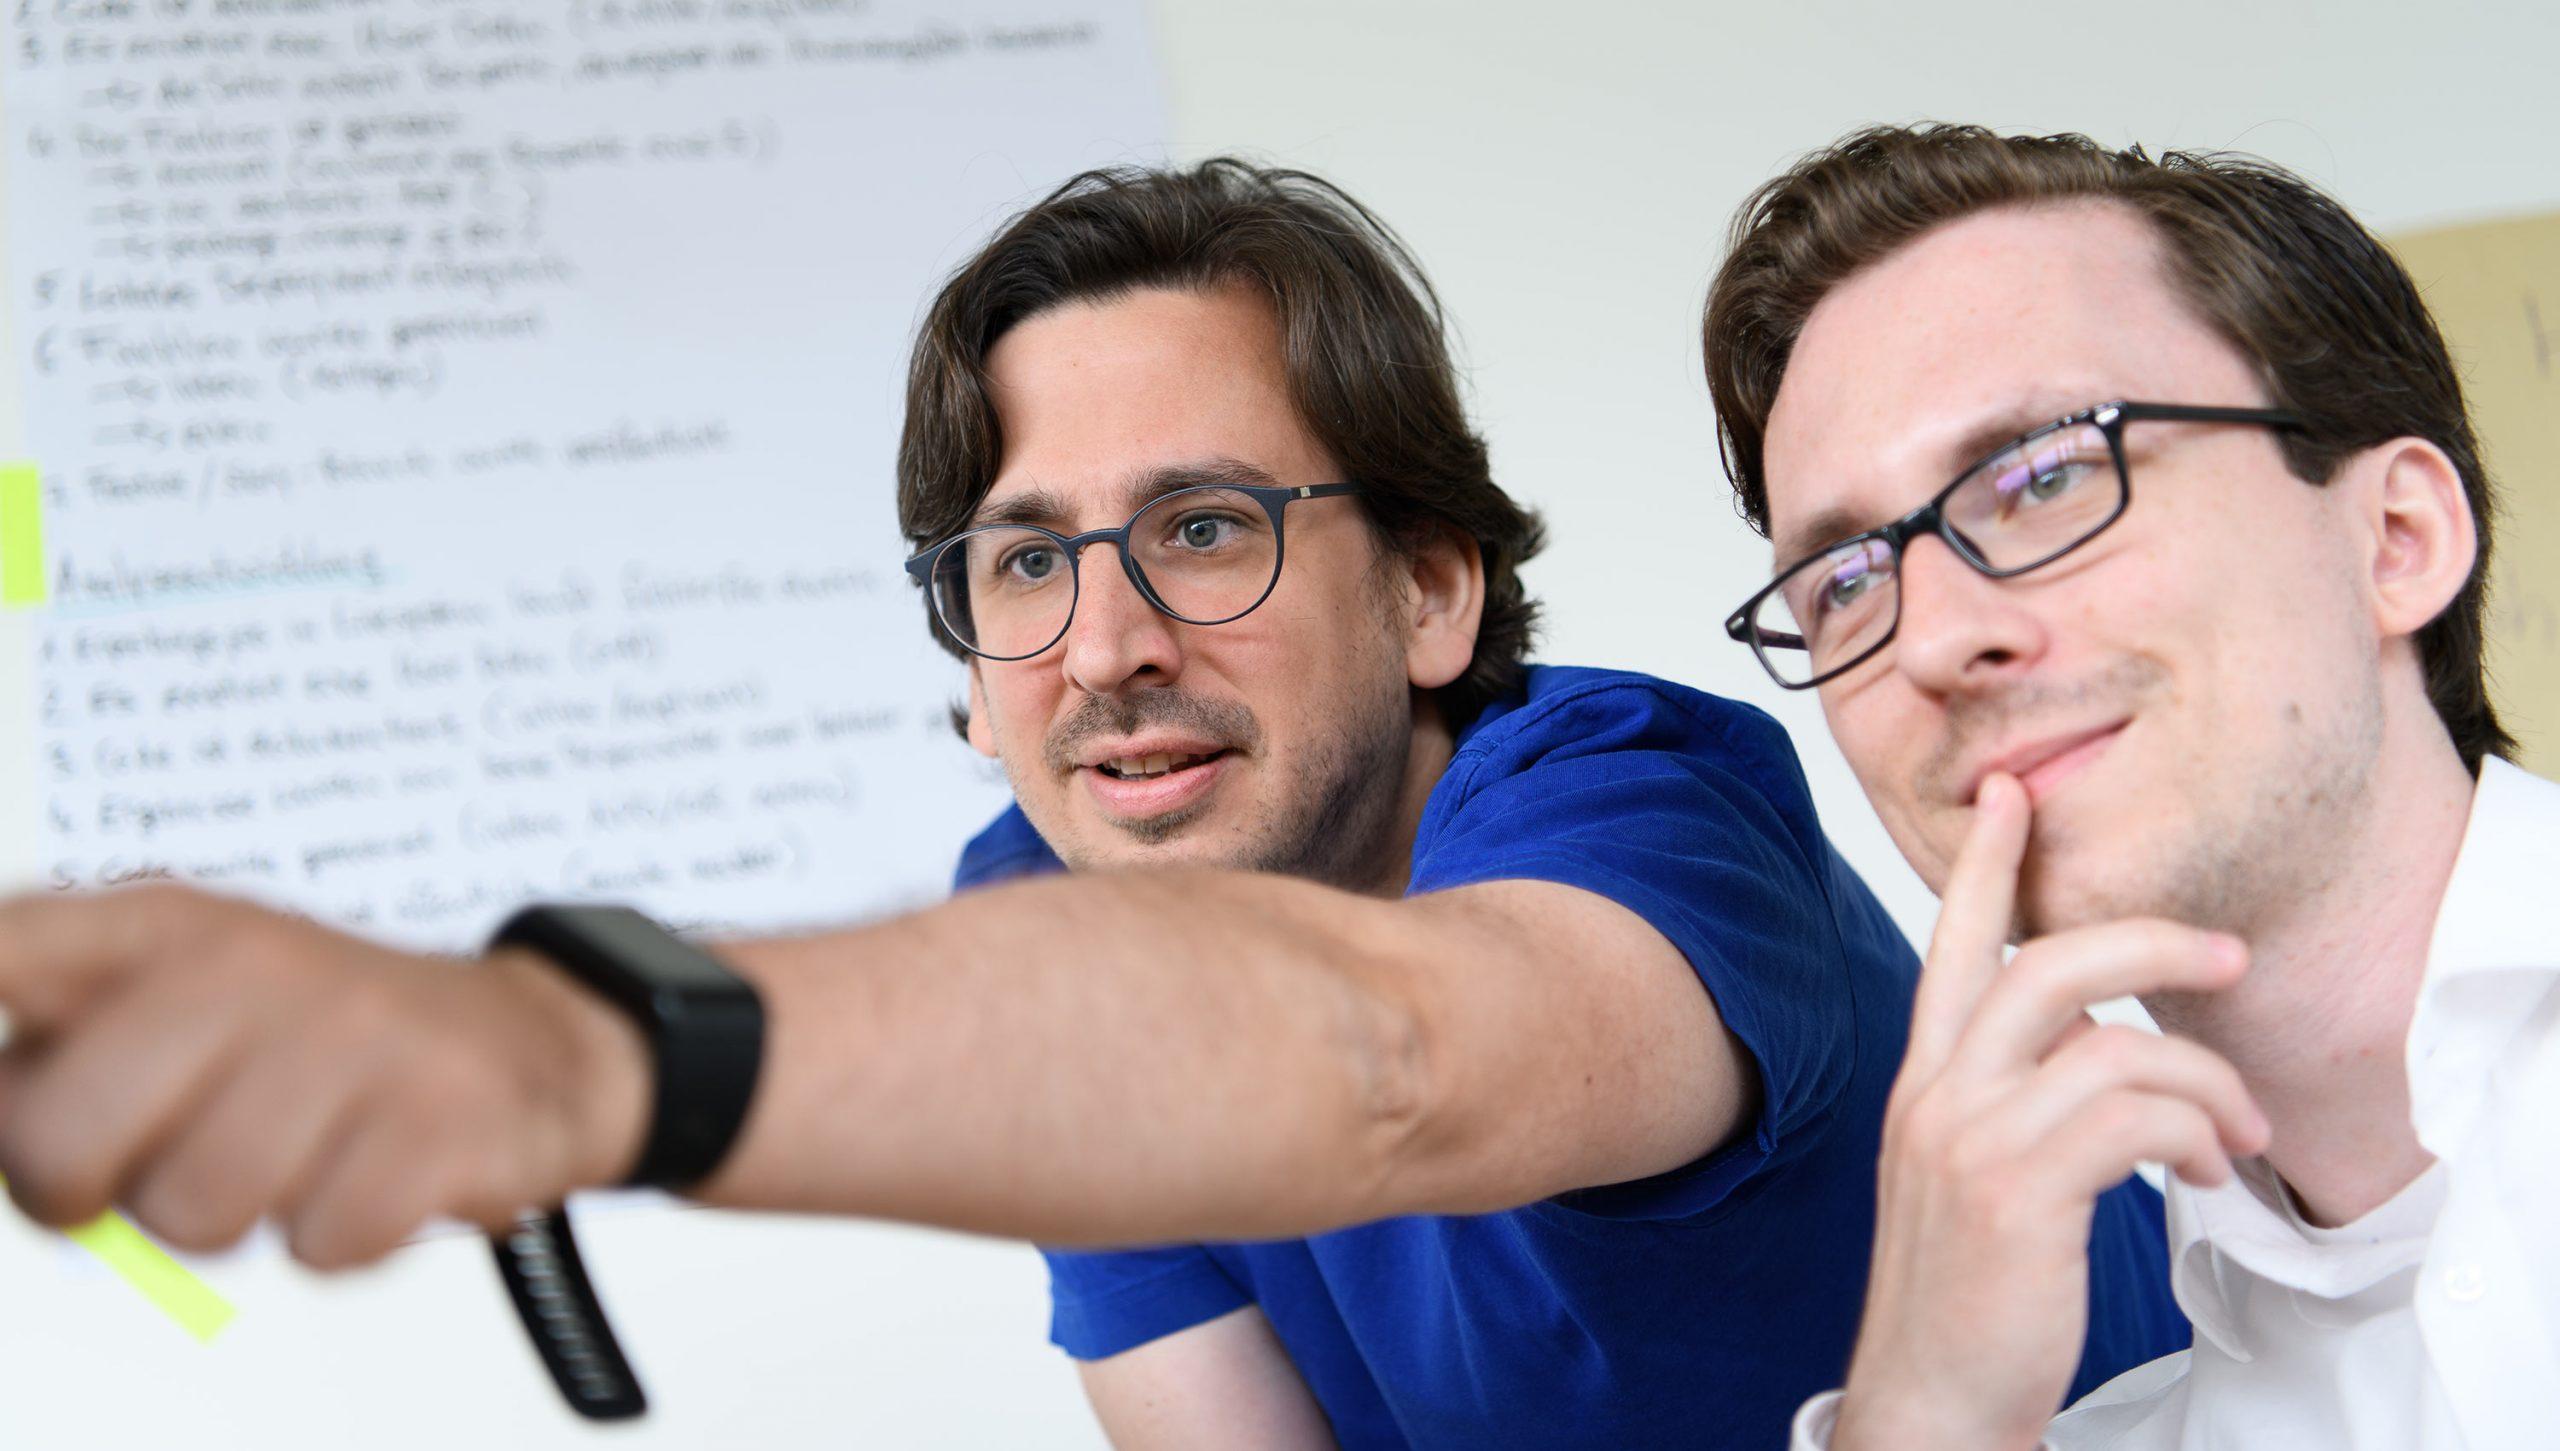 Kollegen zeigen etwas an einem Bildschirm